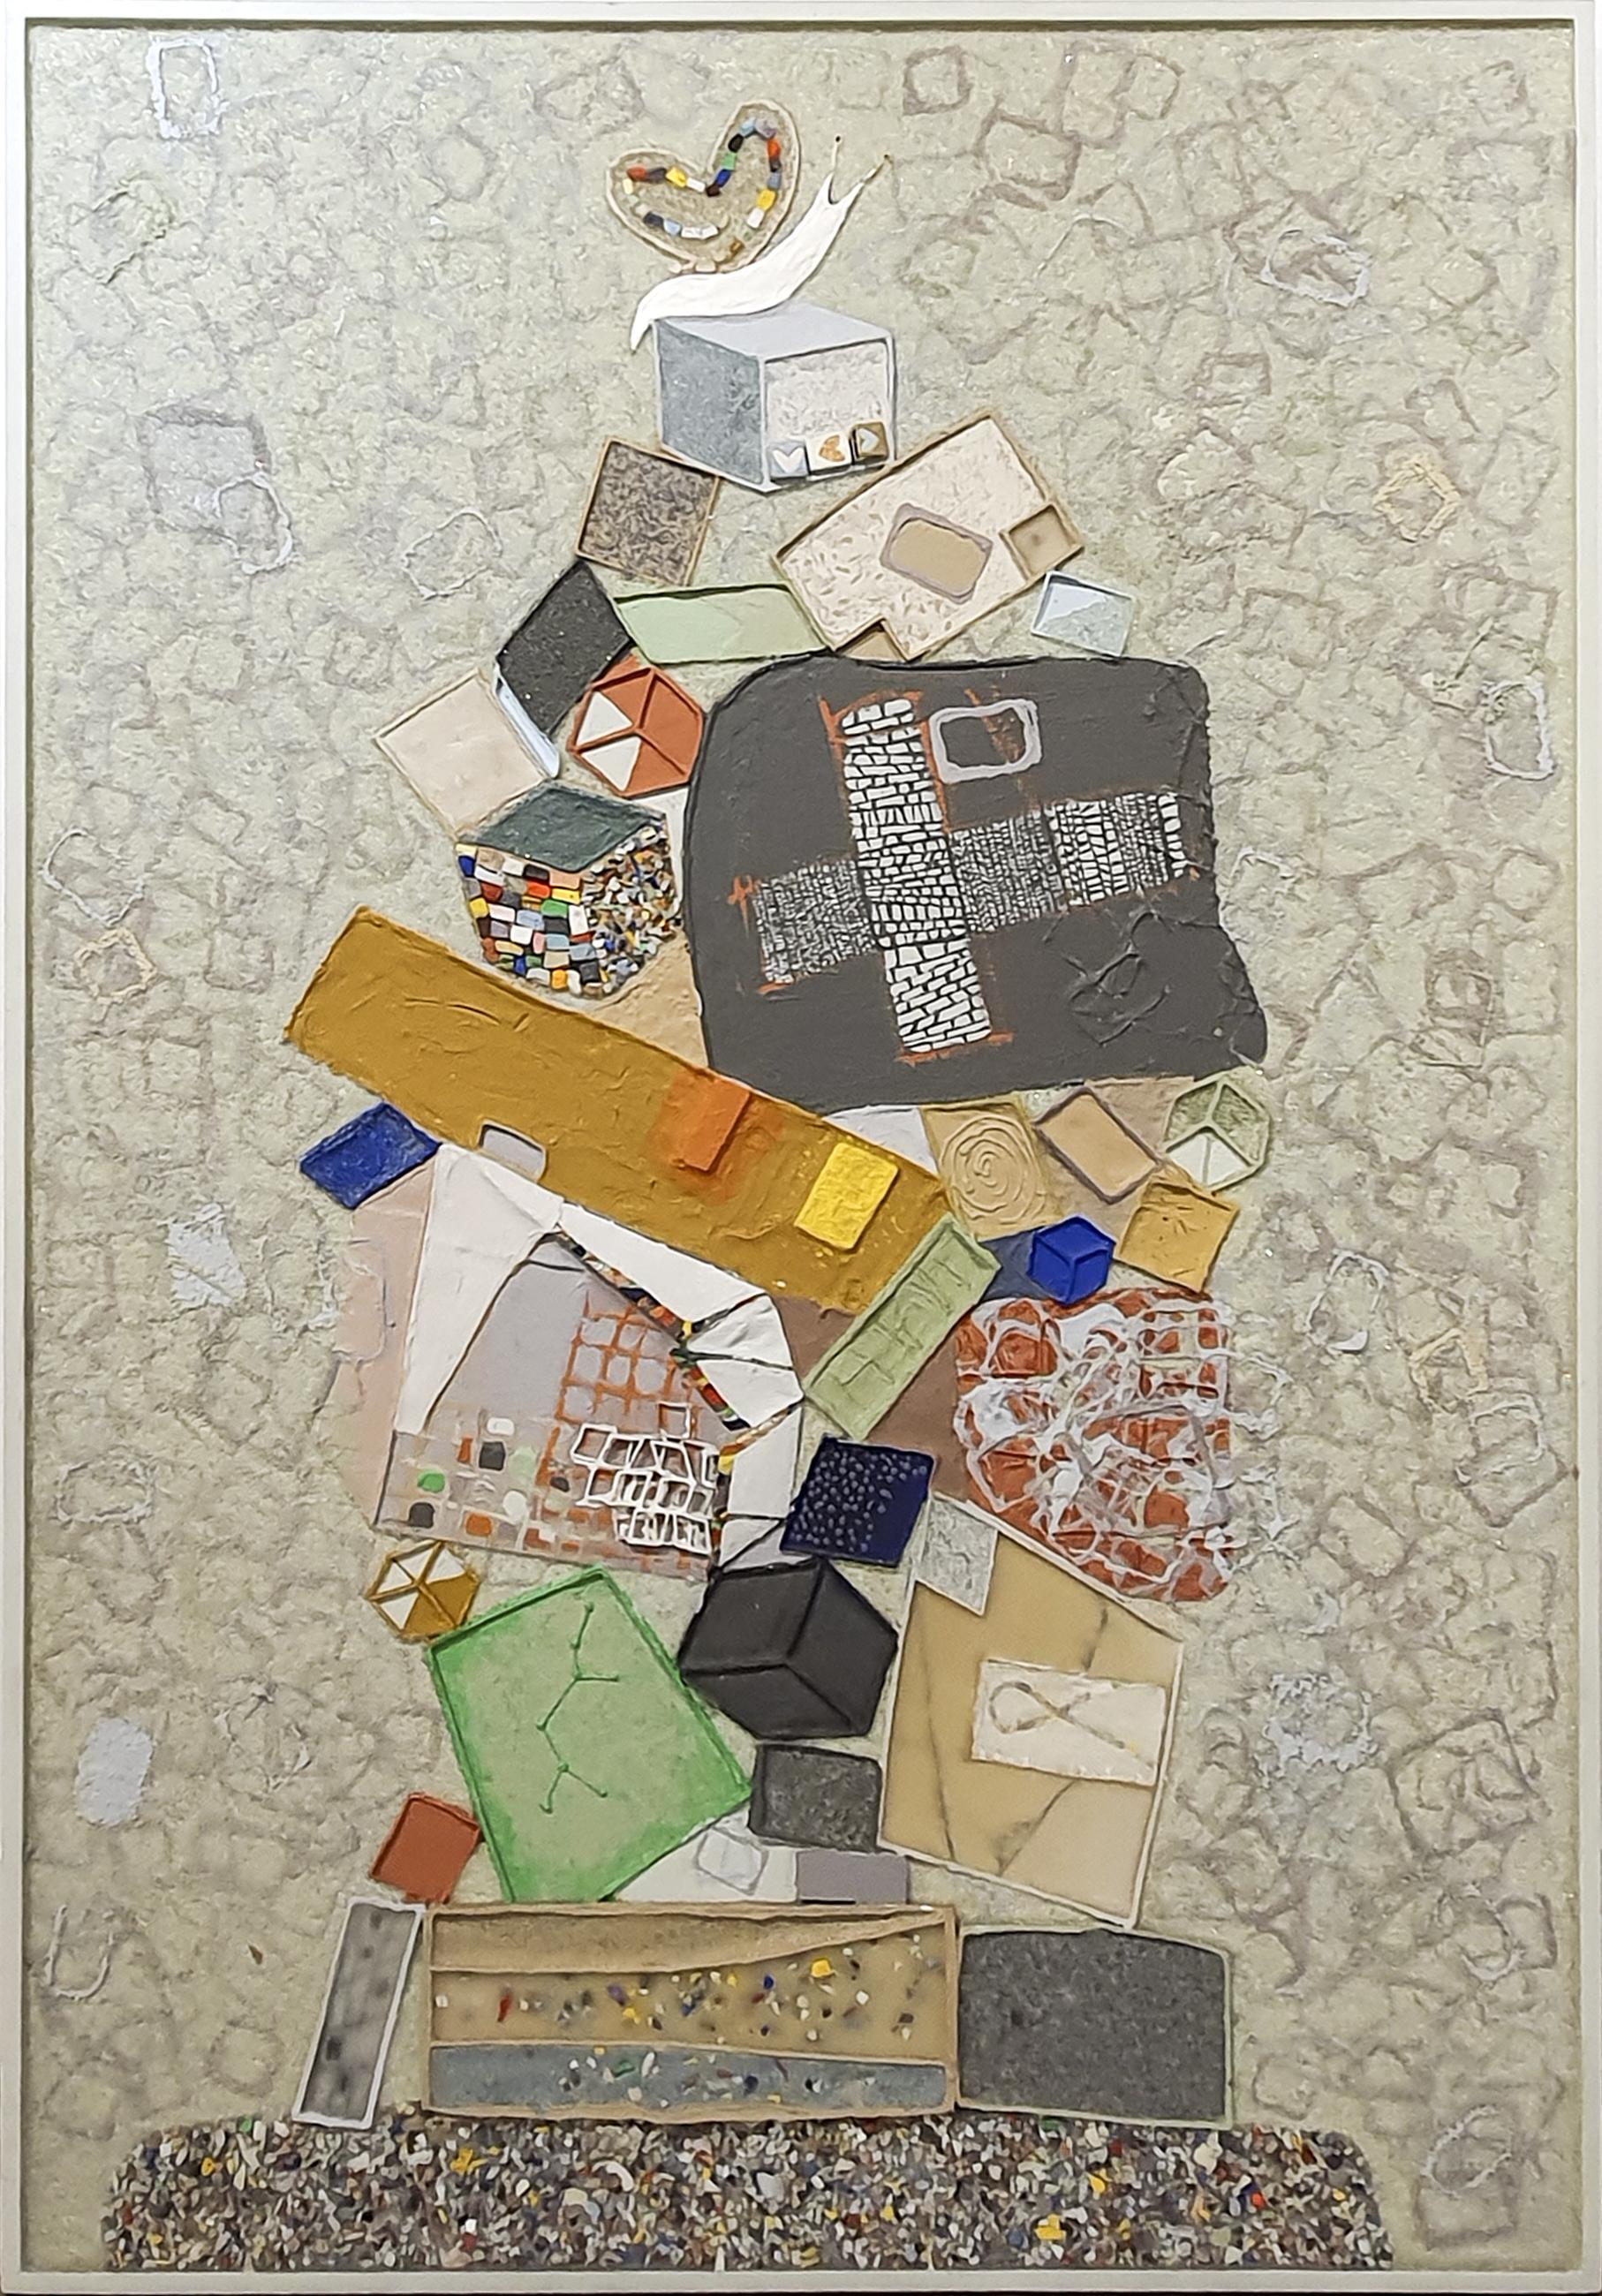 002, 김형길, 제일이라20, 116.8 x 80